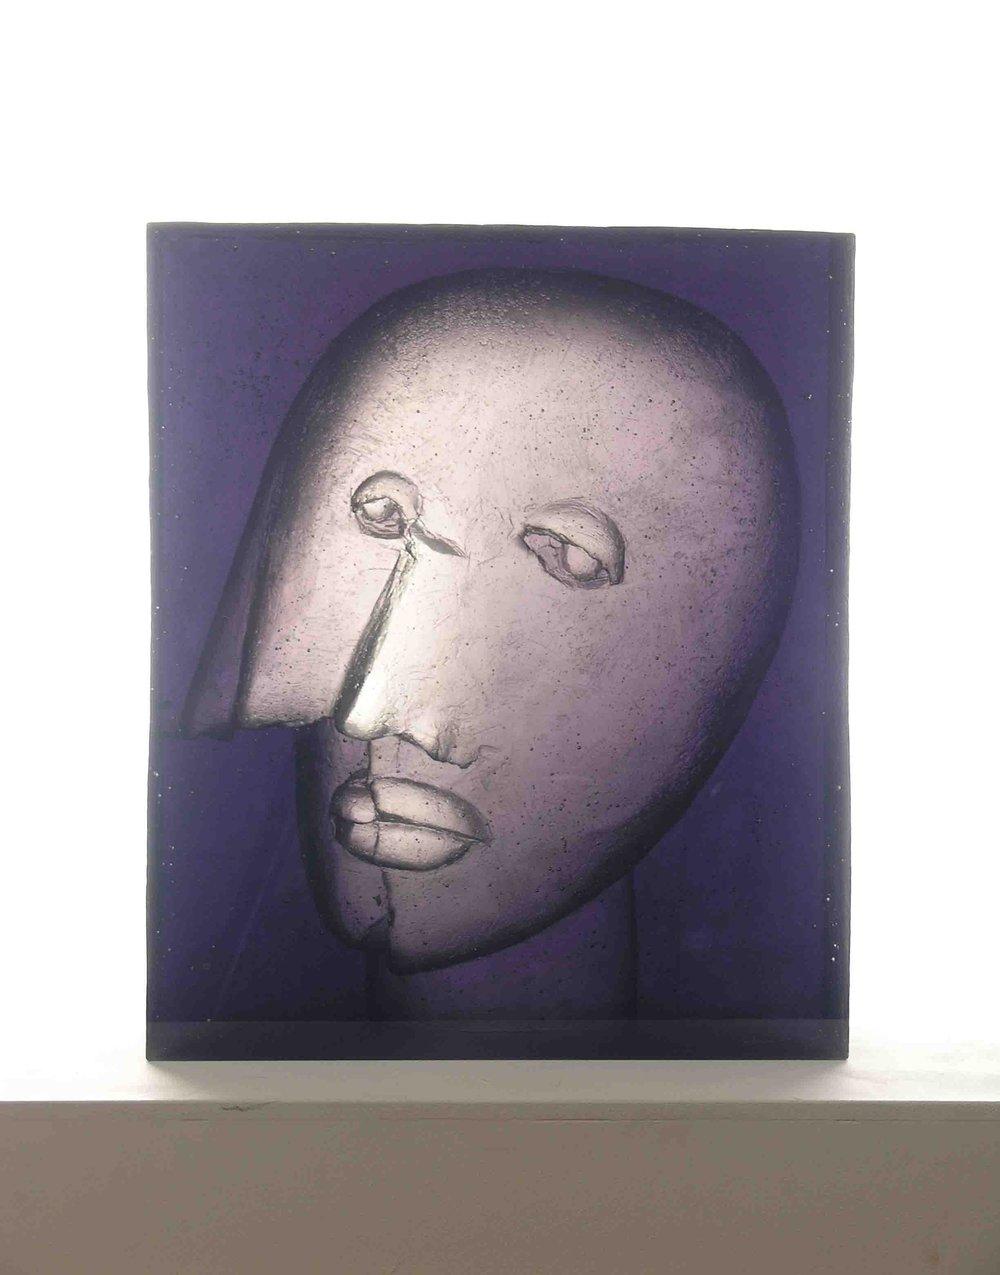 Ann Wolff 2004  DARLING  59 x 49 x 19 cm